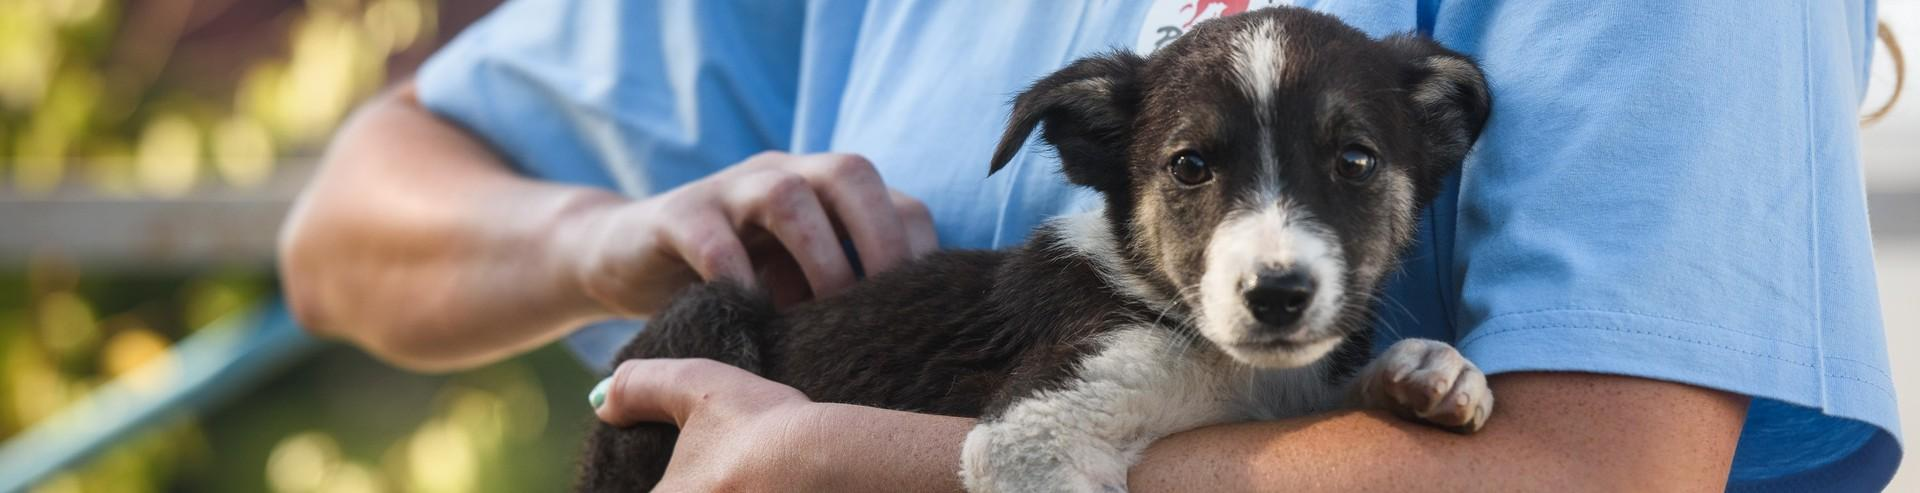 Streunerhund auf dem Arm von VIER PFOTEN Mitarbeiterin